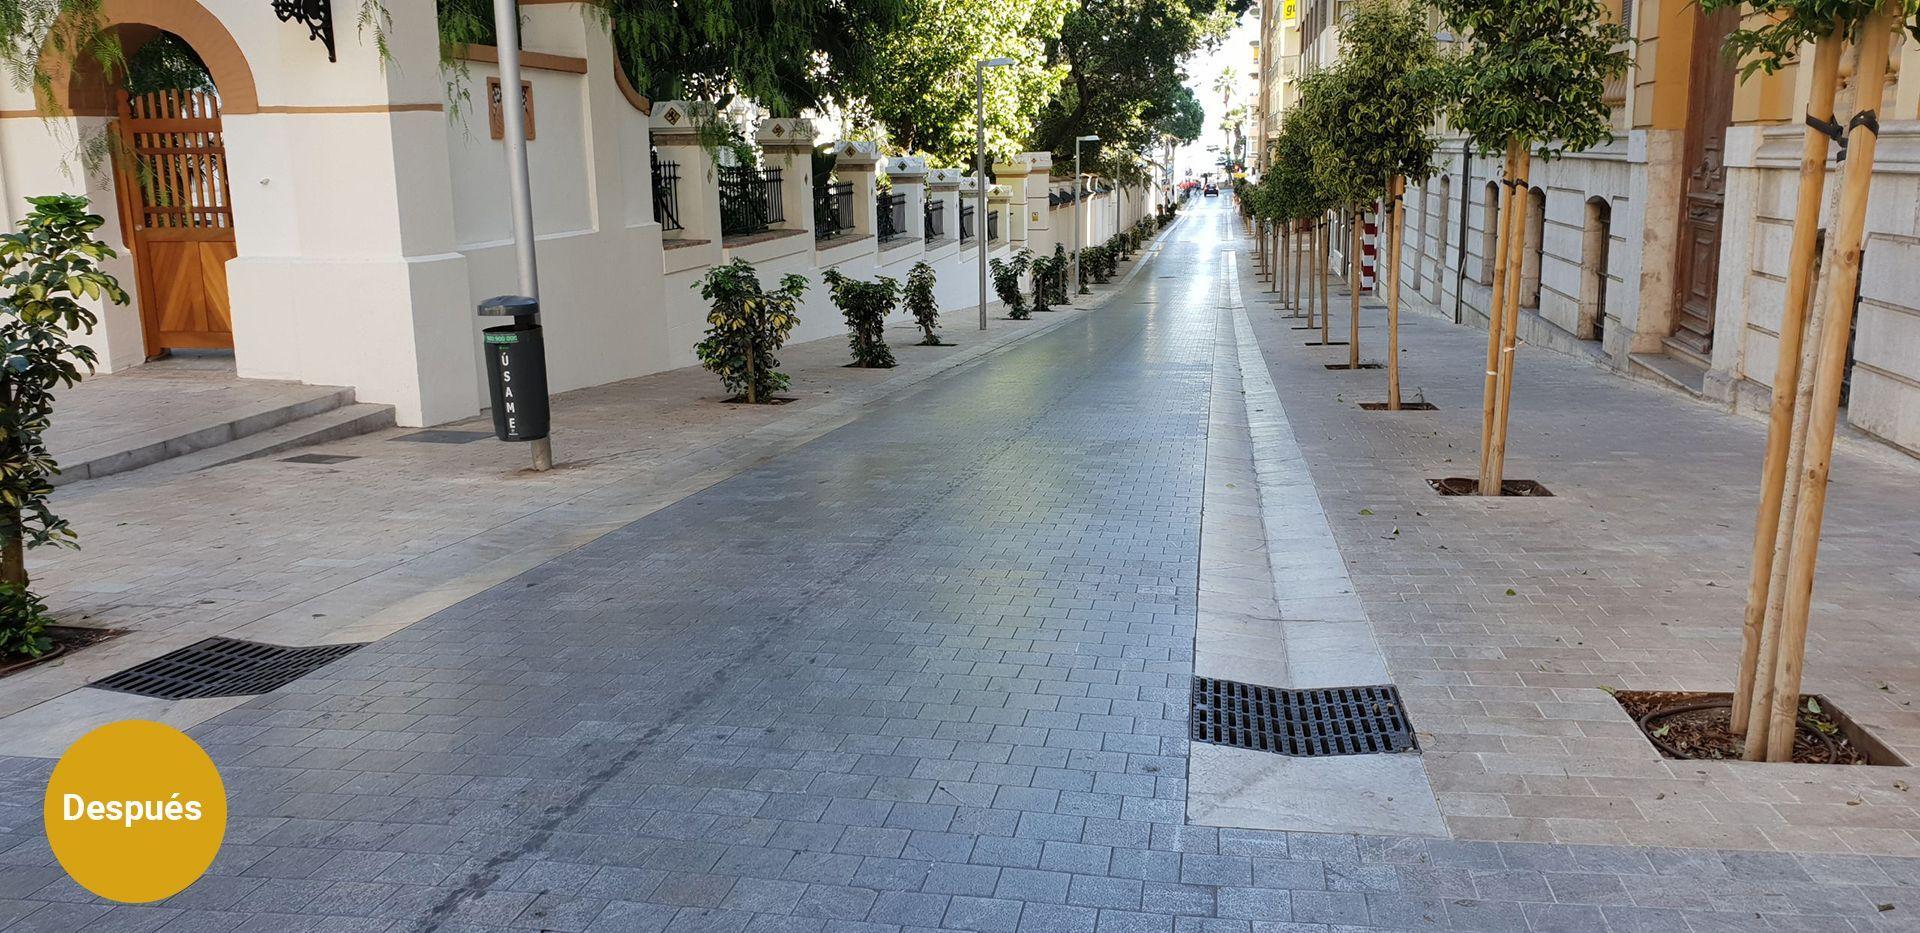 Proyecto Calle Keromnes - Diseño urbano en Málaga